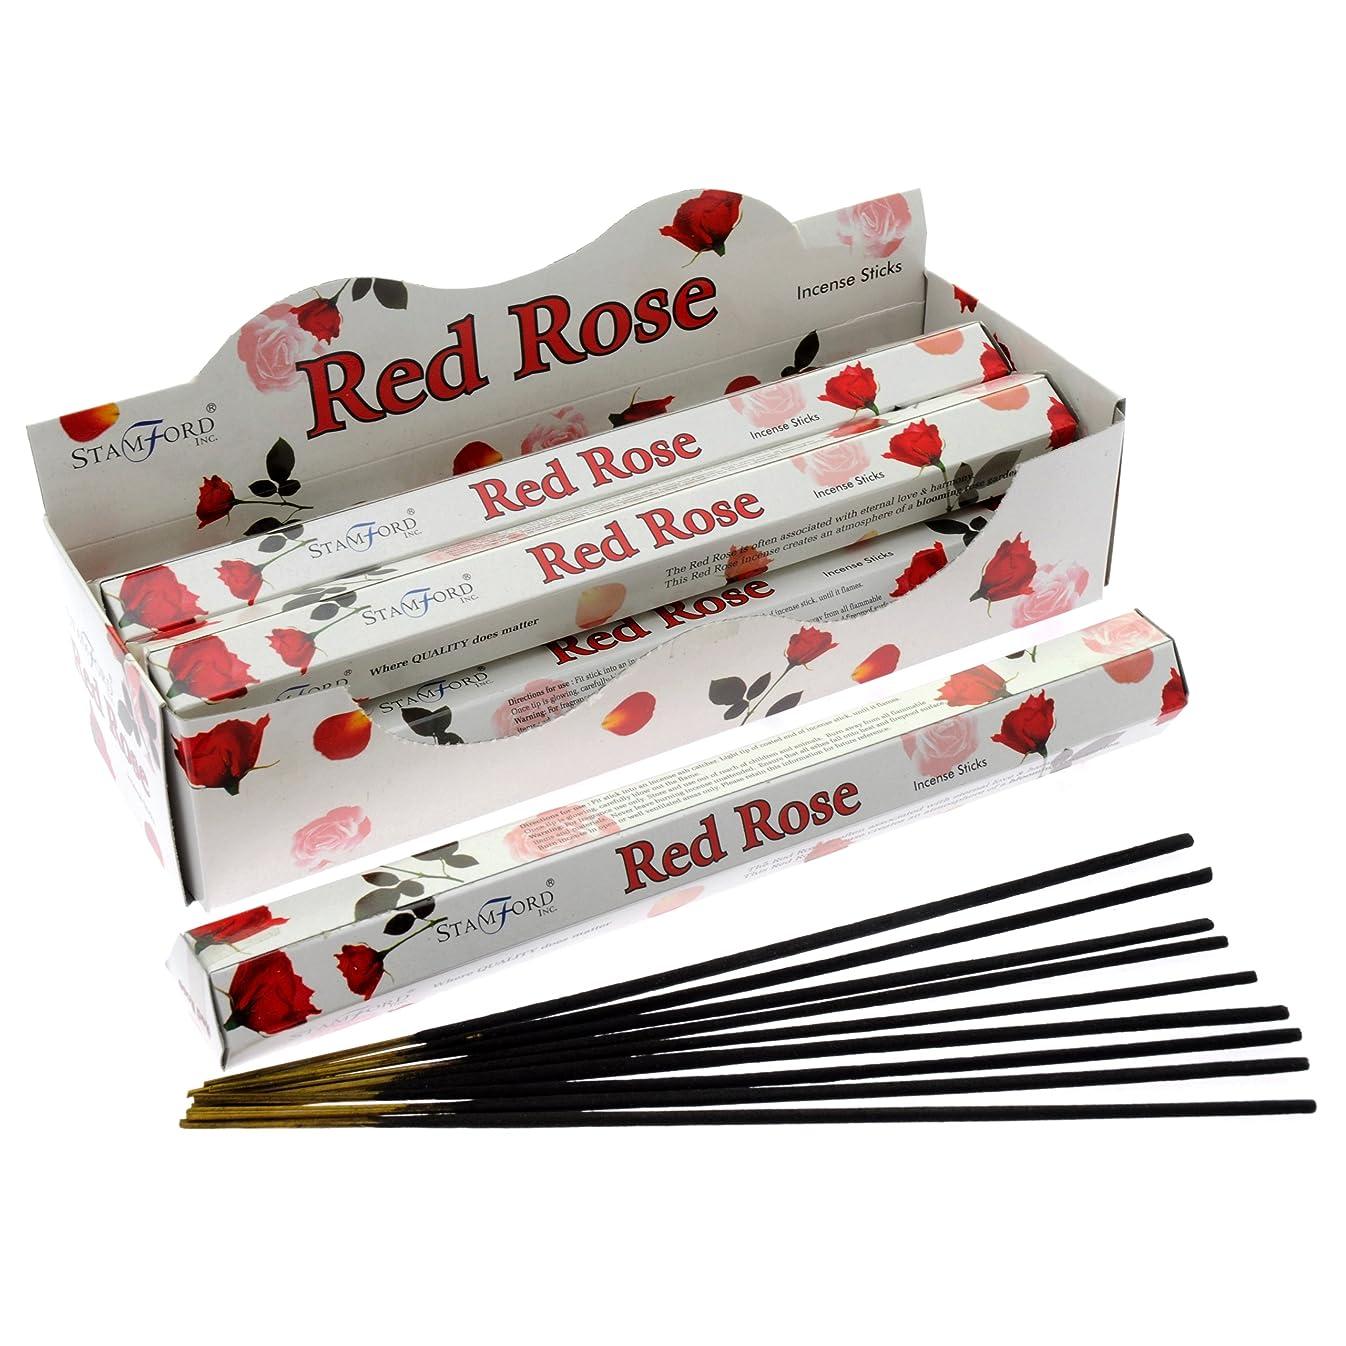 効率的ビーム引き付けるHEM ヘム レッドローズ REDLOSE ステック お香 6箱